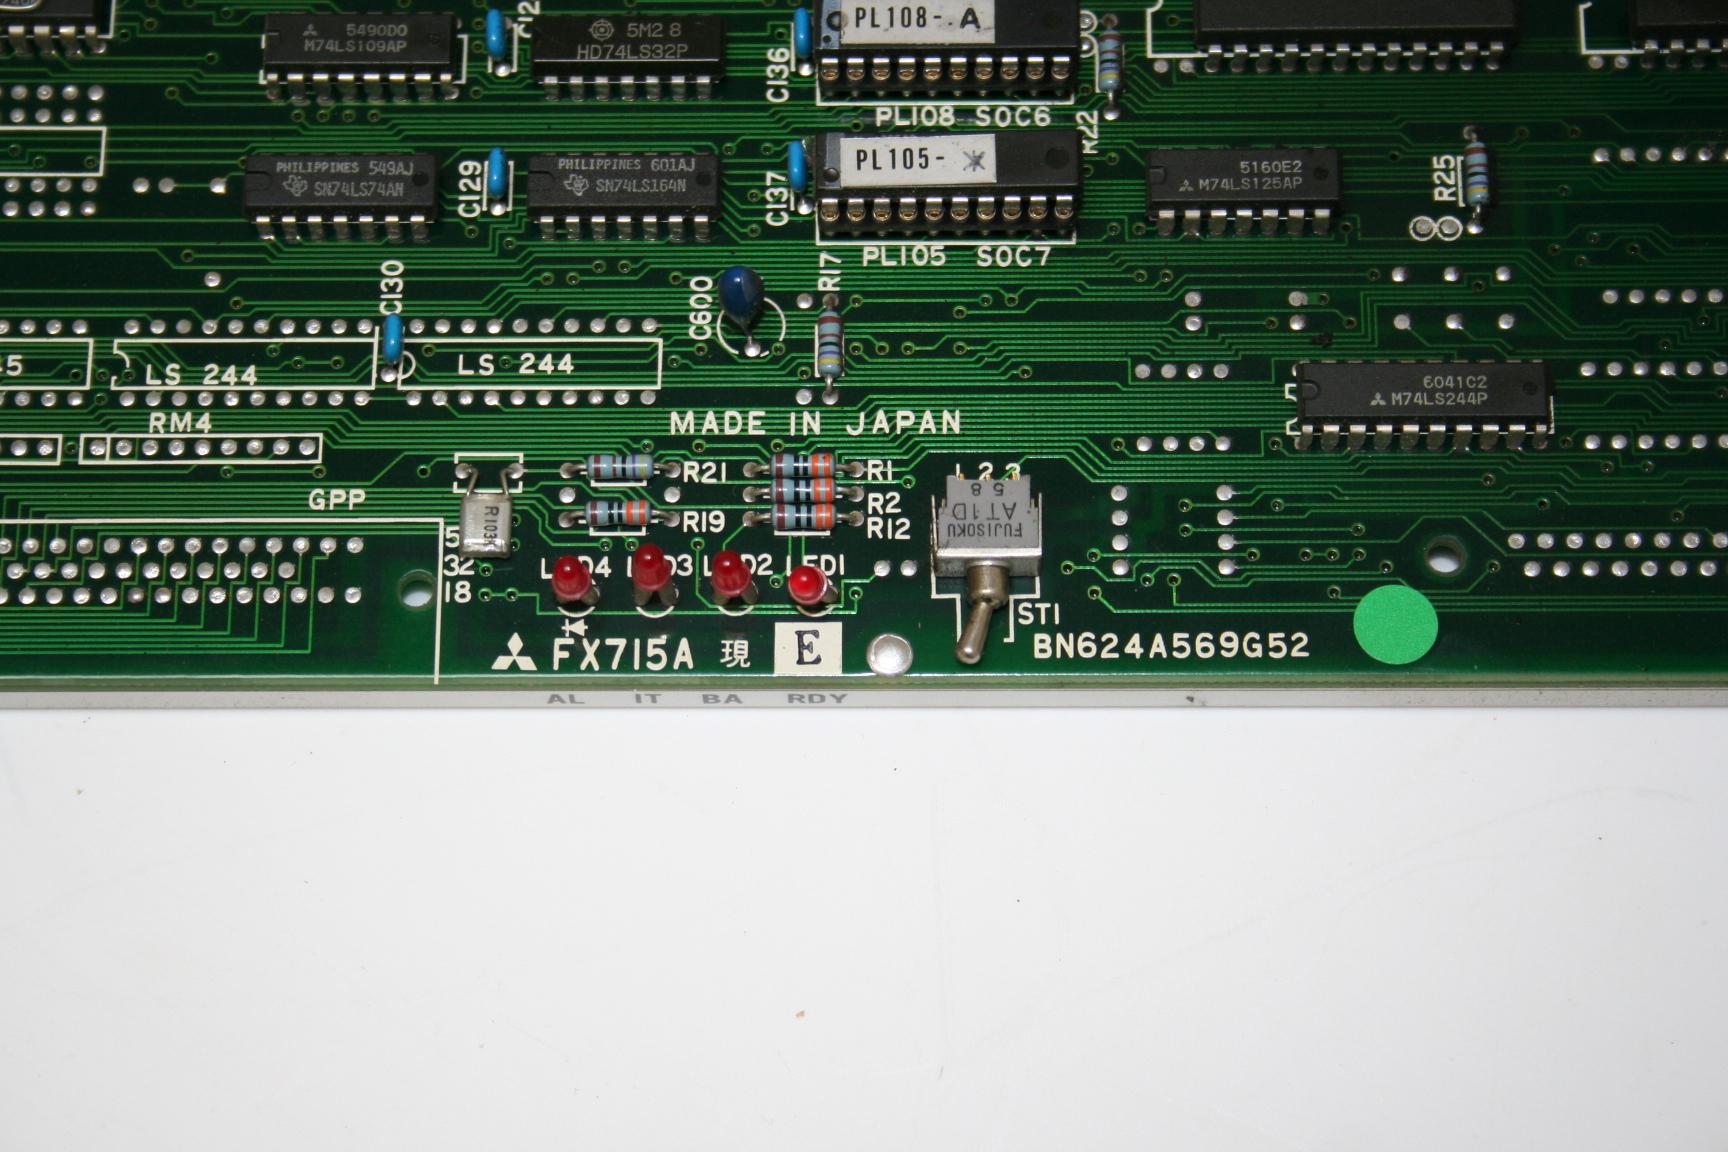 FX715 BN624A569G52 c